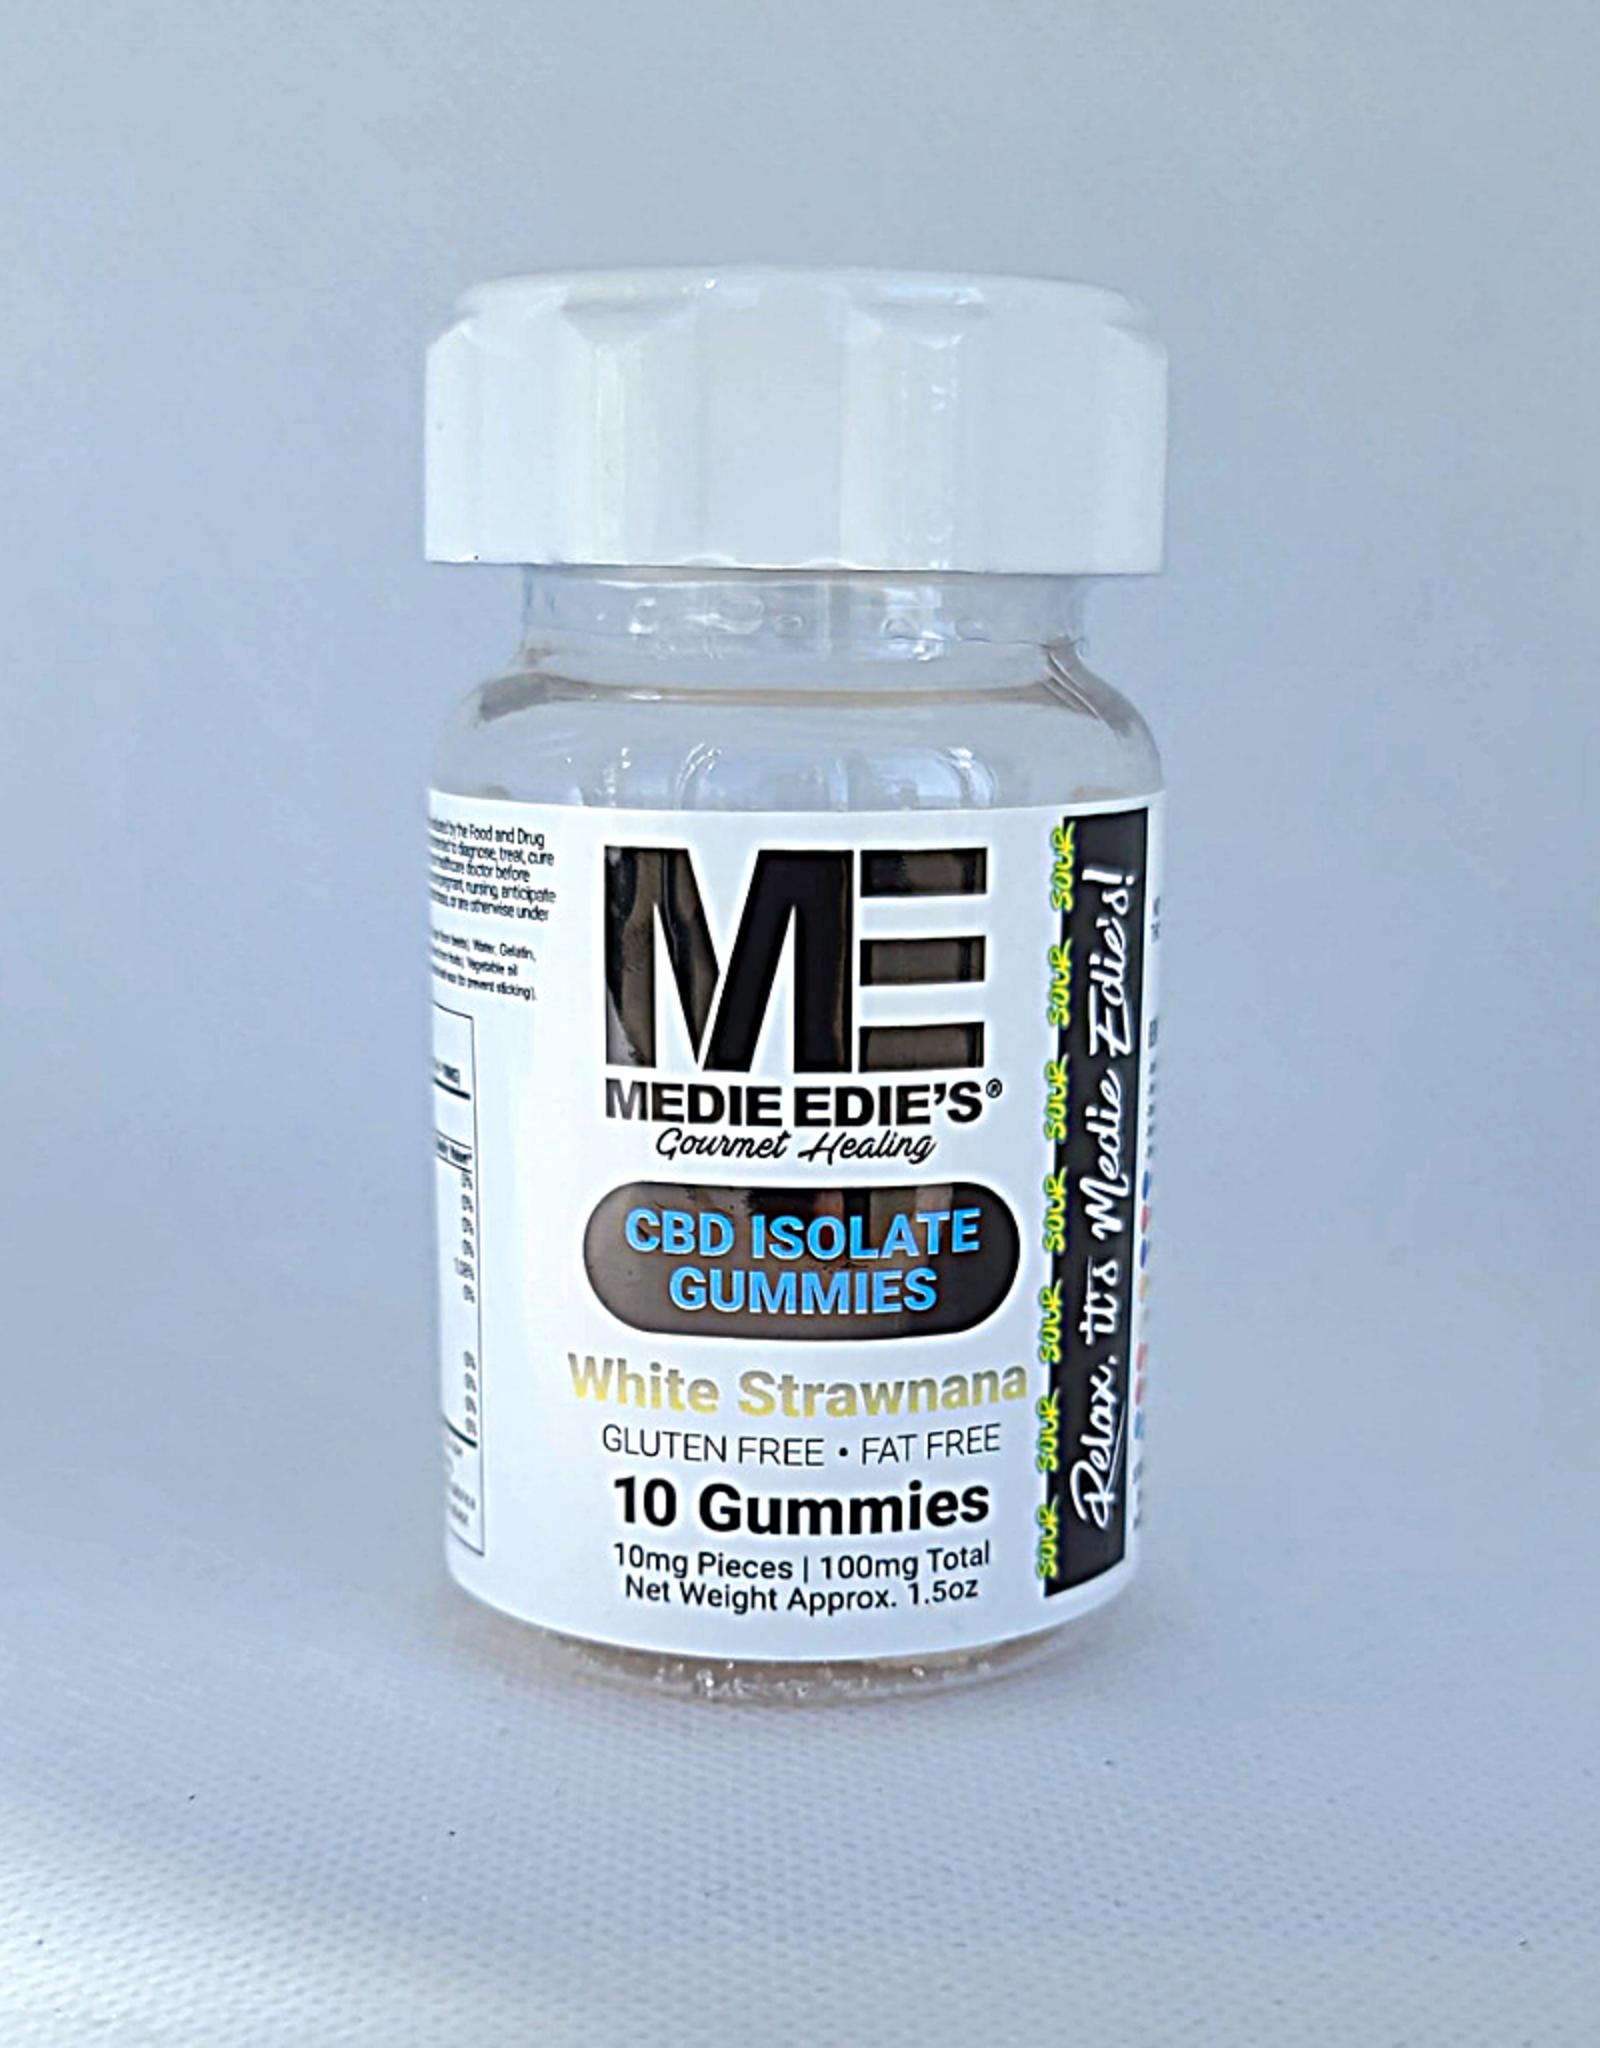 Medie Edie's Sour White Strawnana CBD Gummies - 10t/10mg/100mg